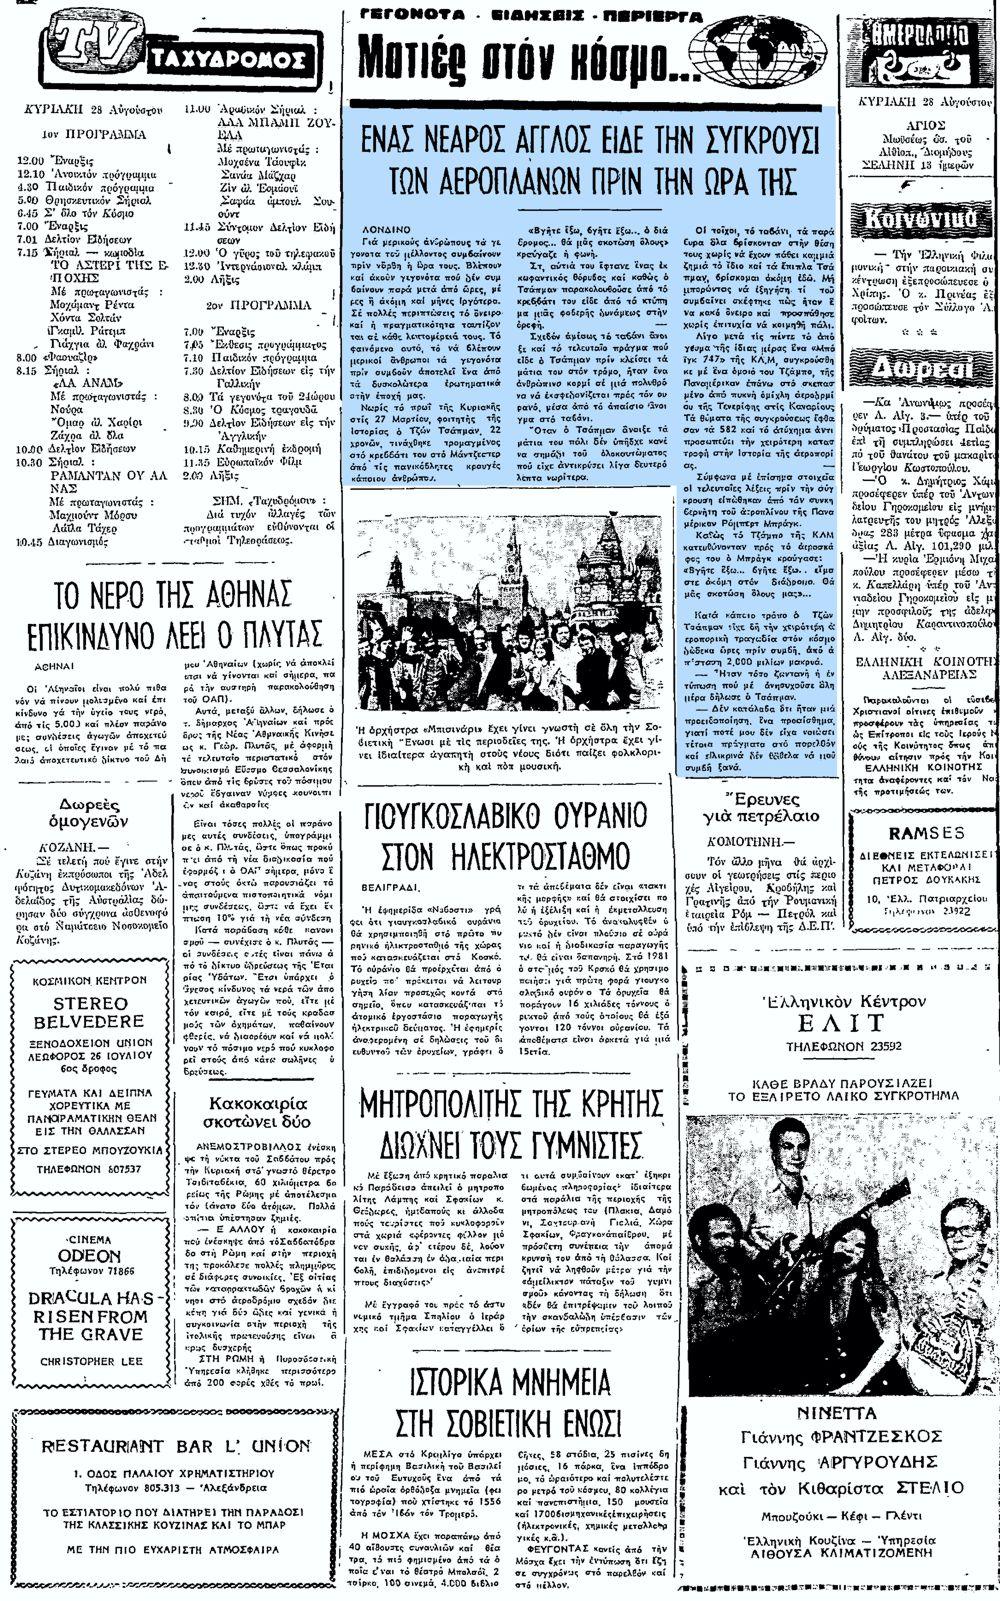 """Το άρθρο, όπως δημοσιεύθηκε στην εφημερίδα """"ΤΑΧΥΔΡΟΜΟΣ"""", στις 28/08/1977"""